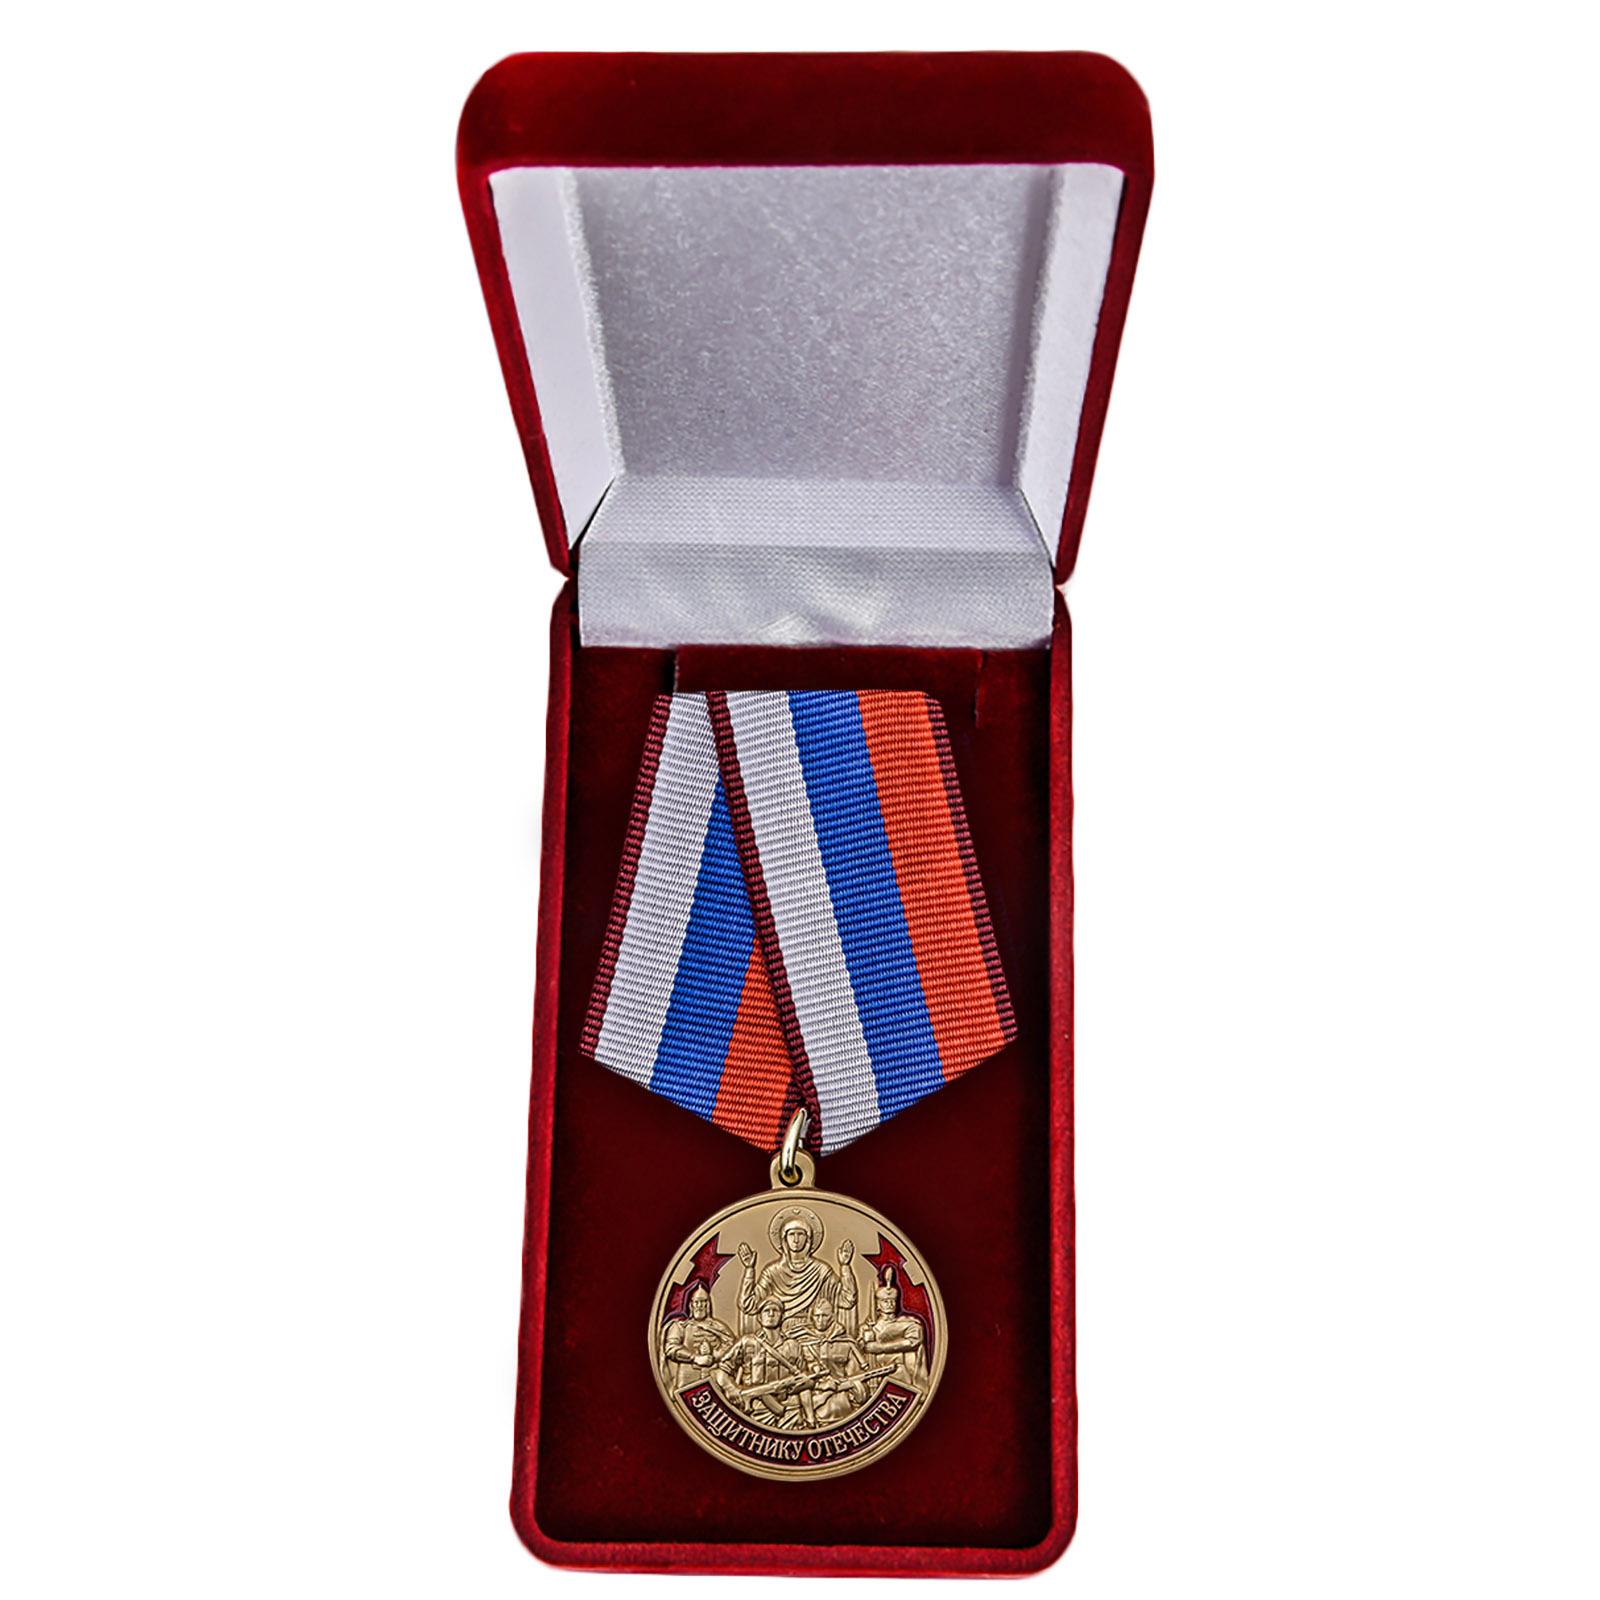 Наградная медаль Защитнику Отечества 23 февраля - в футляре